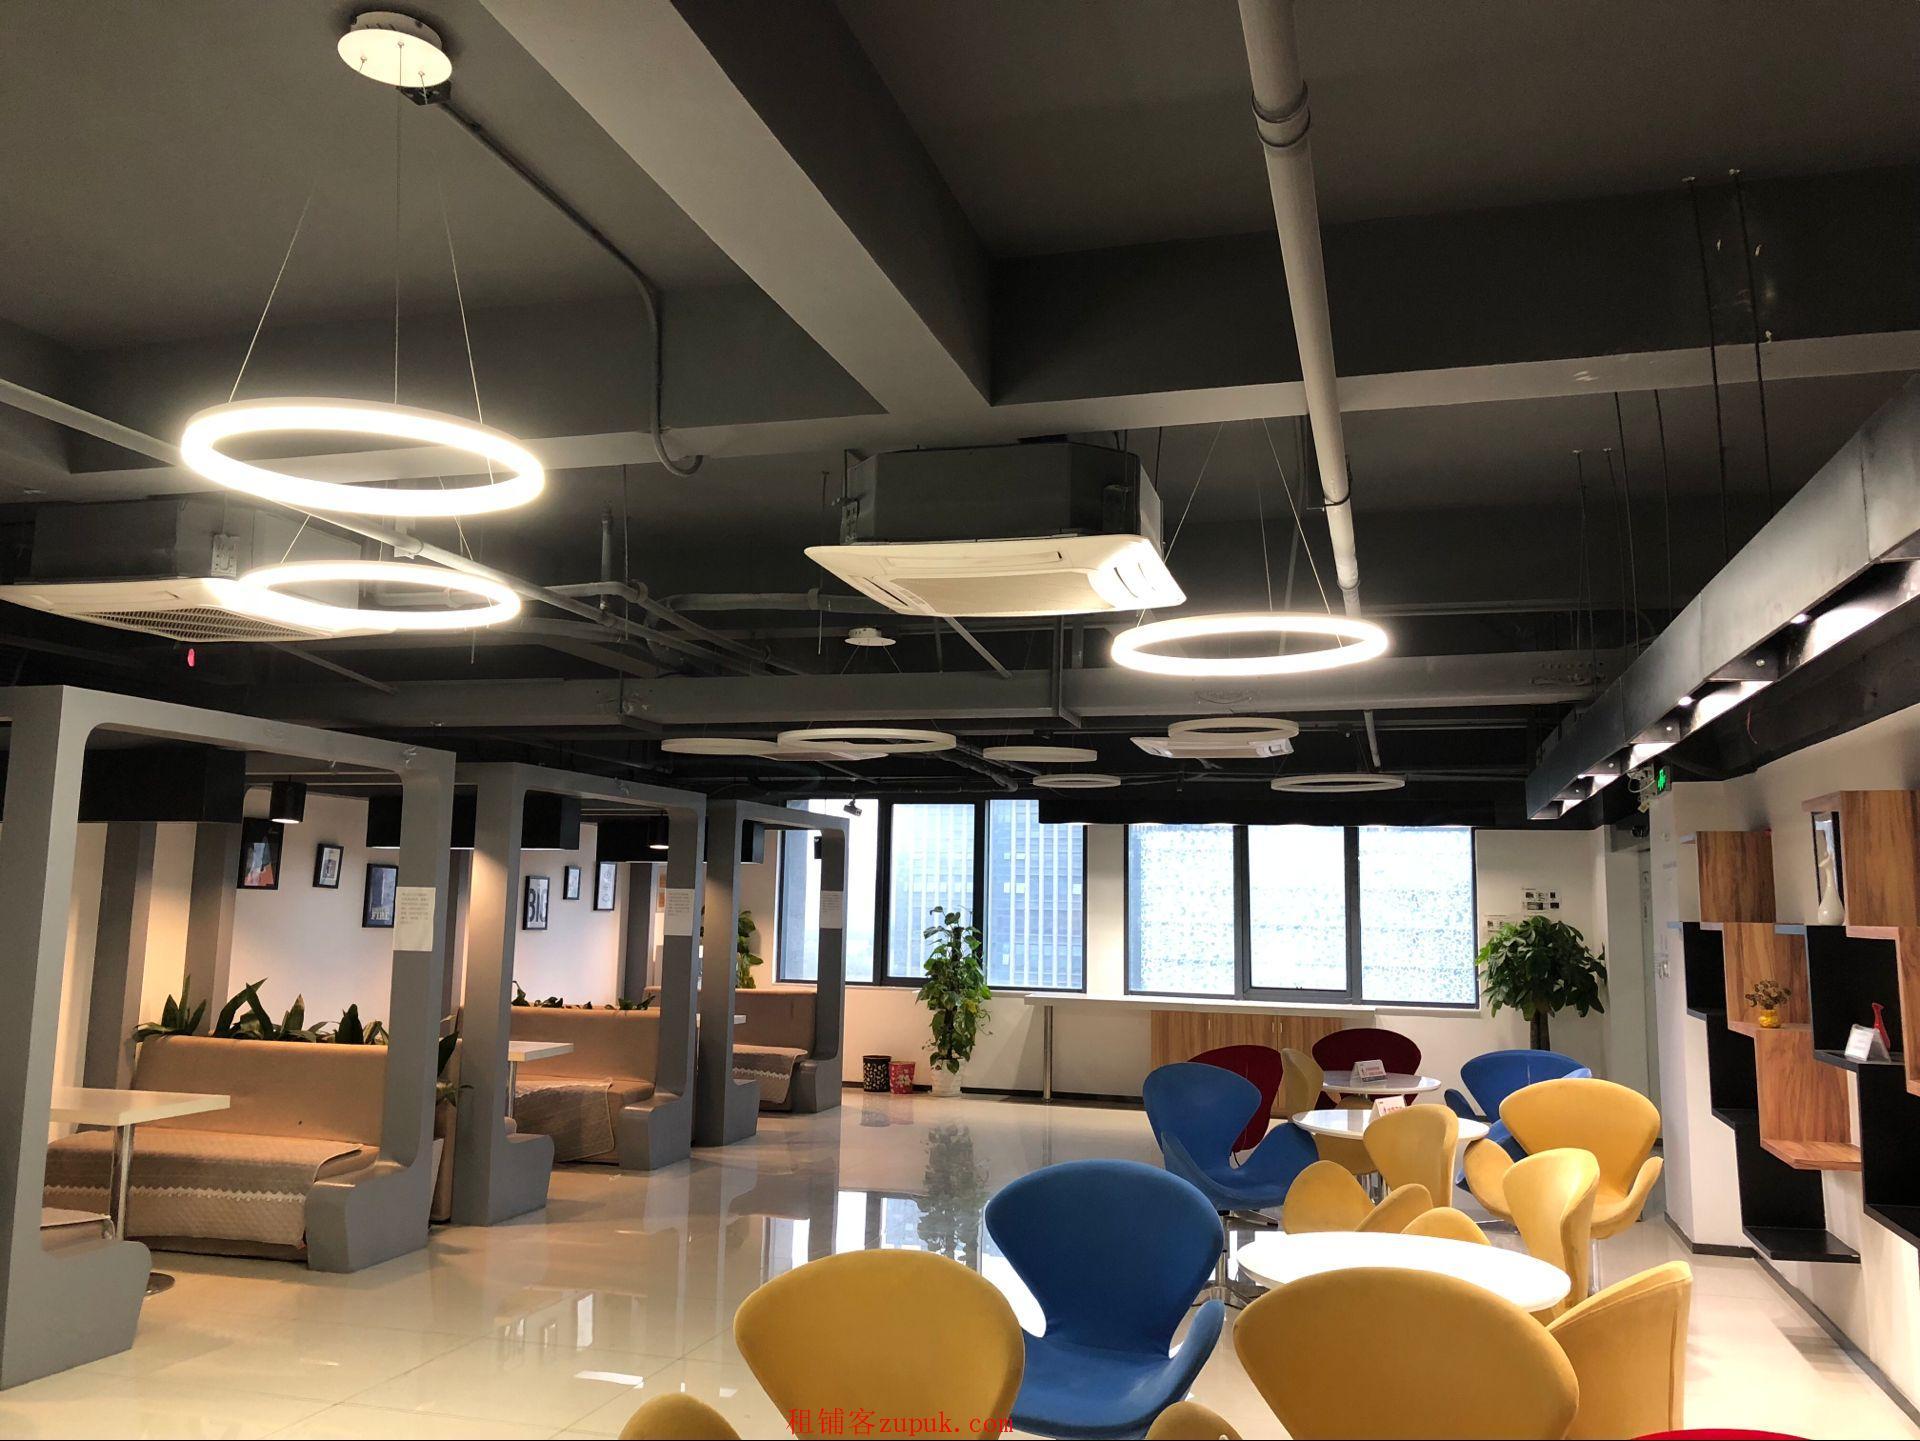 创新中国产业园 精装修 大小户型任选 入驻即用 可注册变更